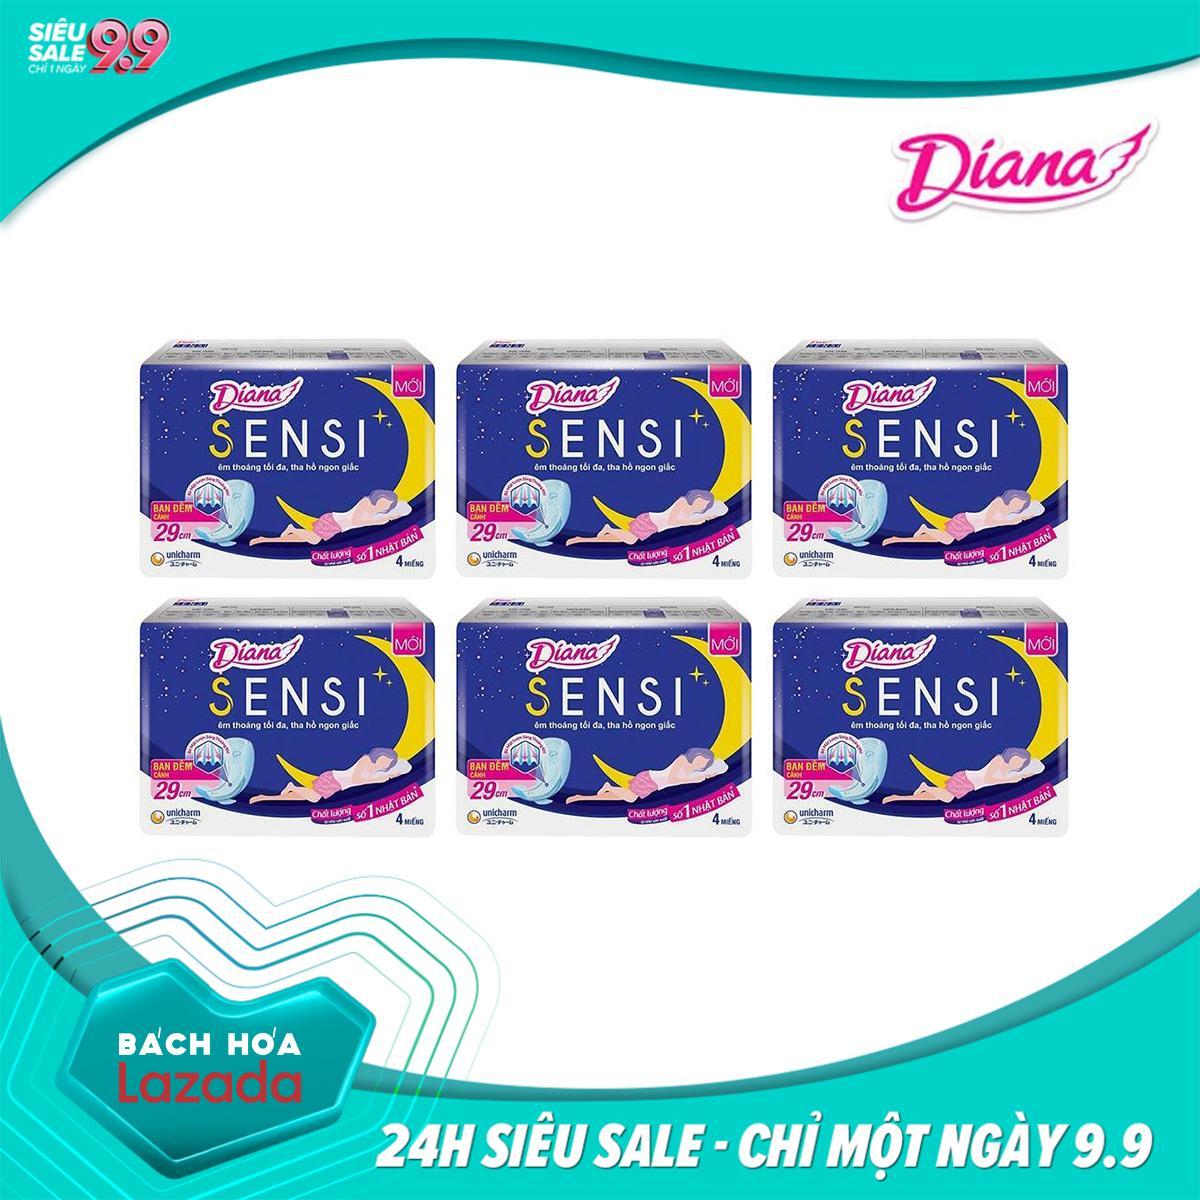 Bộ 6 gói Băng vệ sinh Diana SENSI ban đêm 29cm Gói 4 miếng nhập khẩu